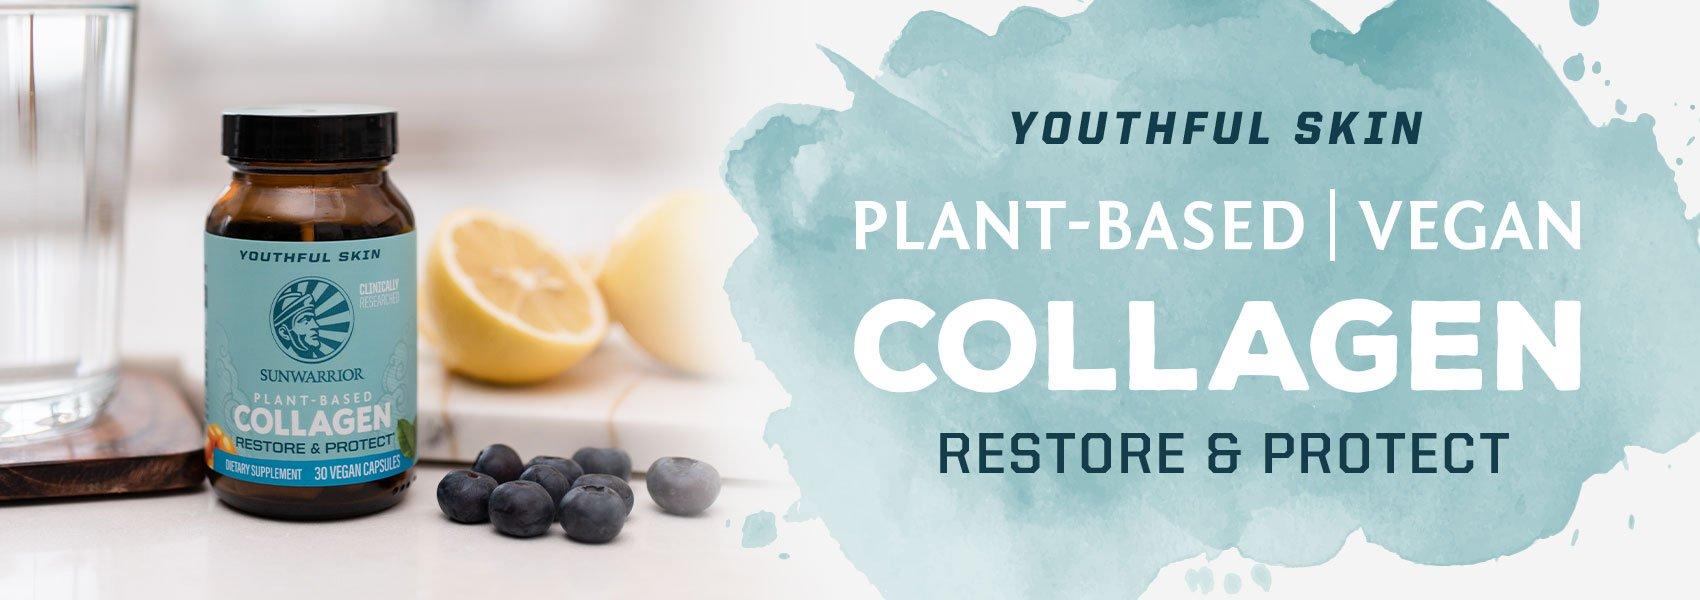 Sunwarrior Plant-Based Vegan Collagen Restore & Protect